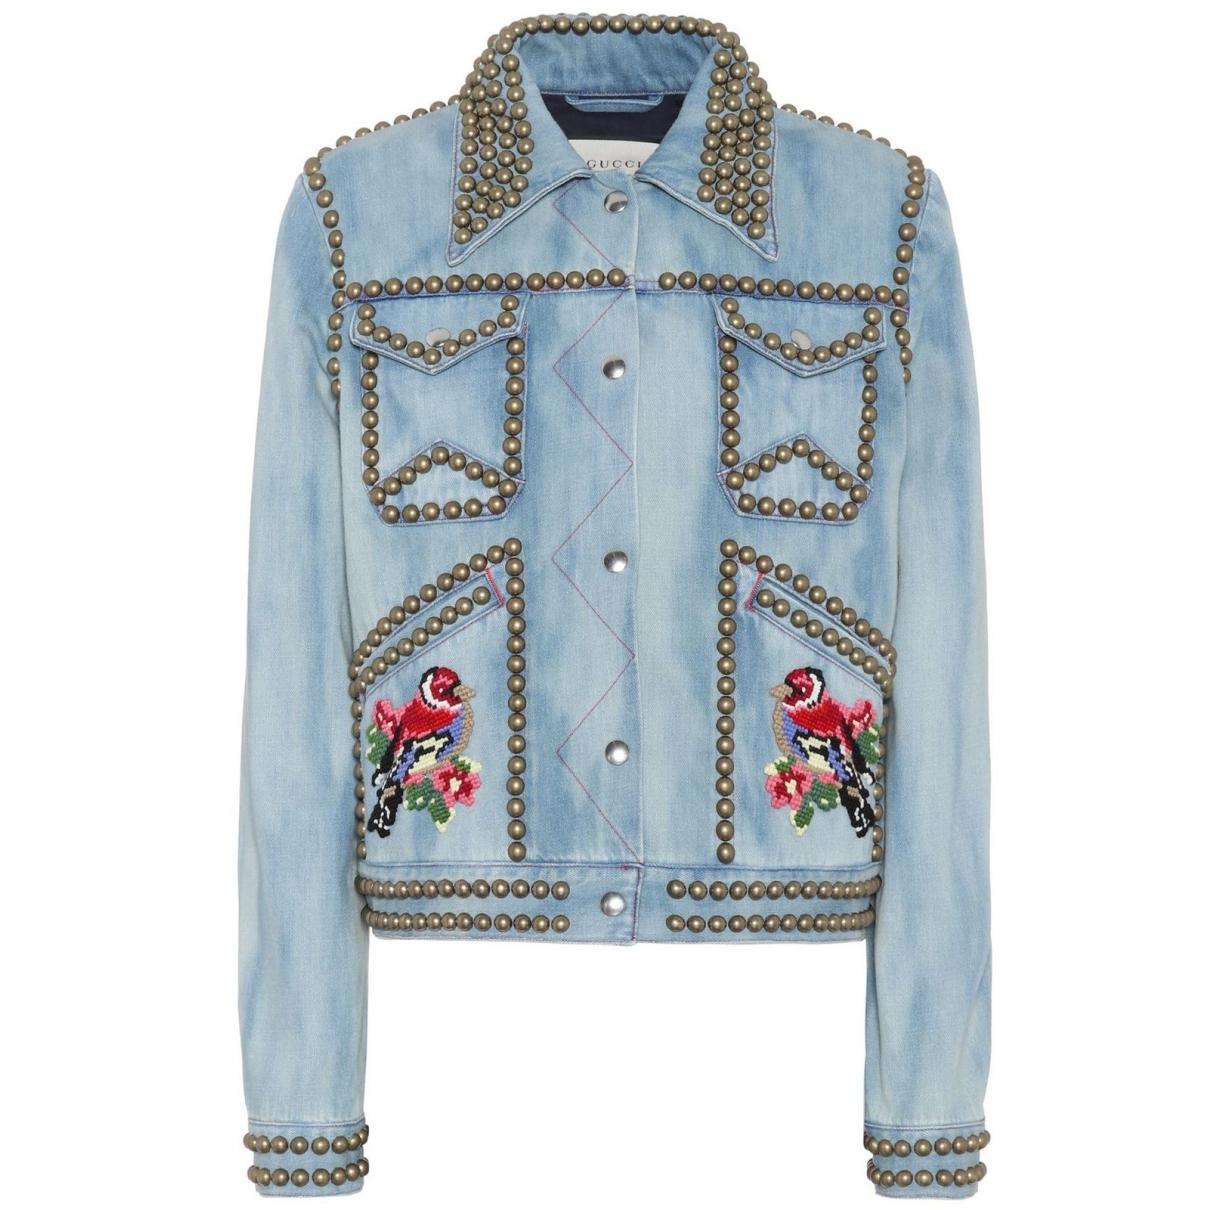 Gucci \N Blue Denim - Jeans jacket for Women 38 IT